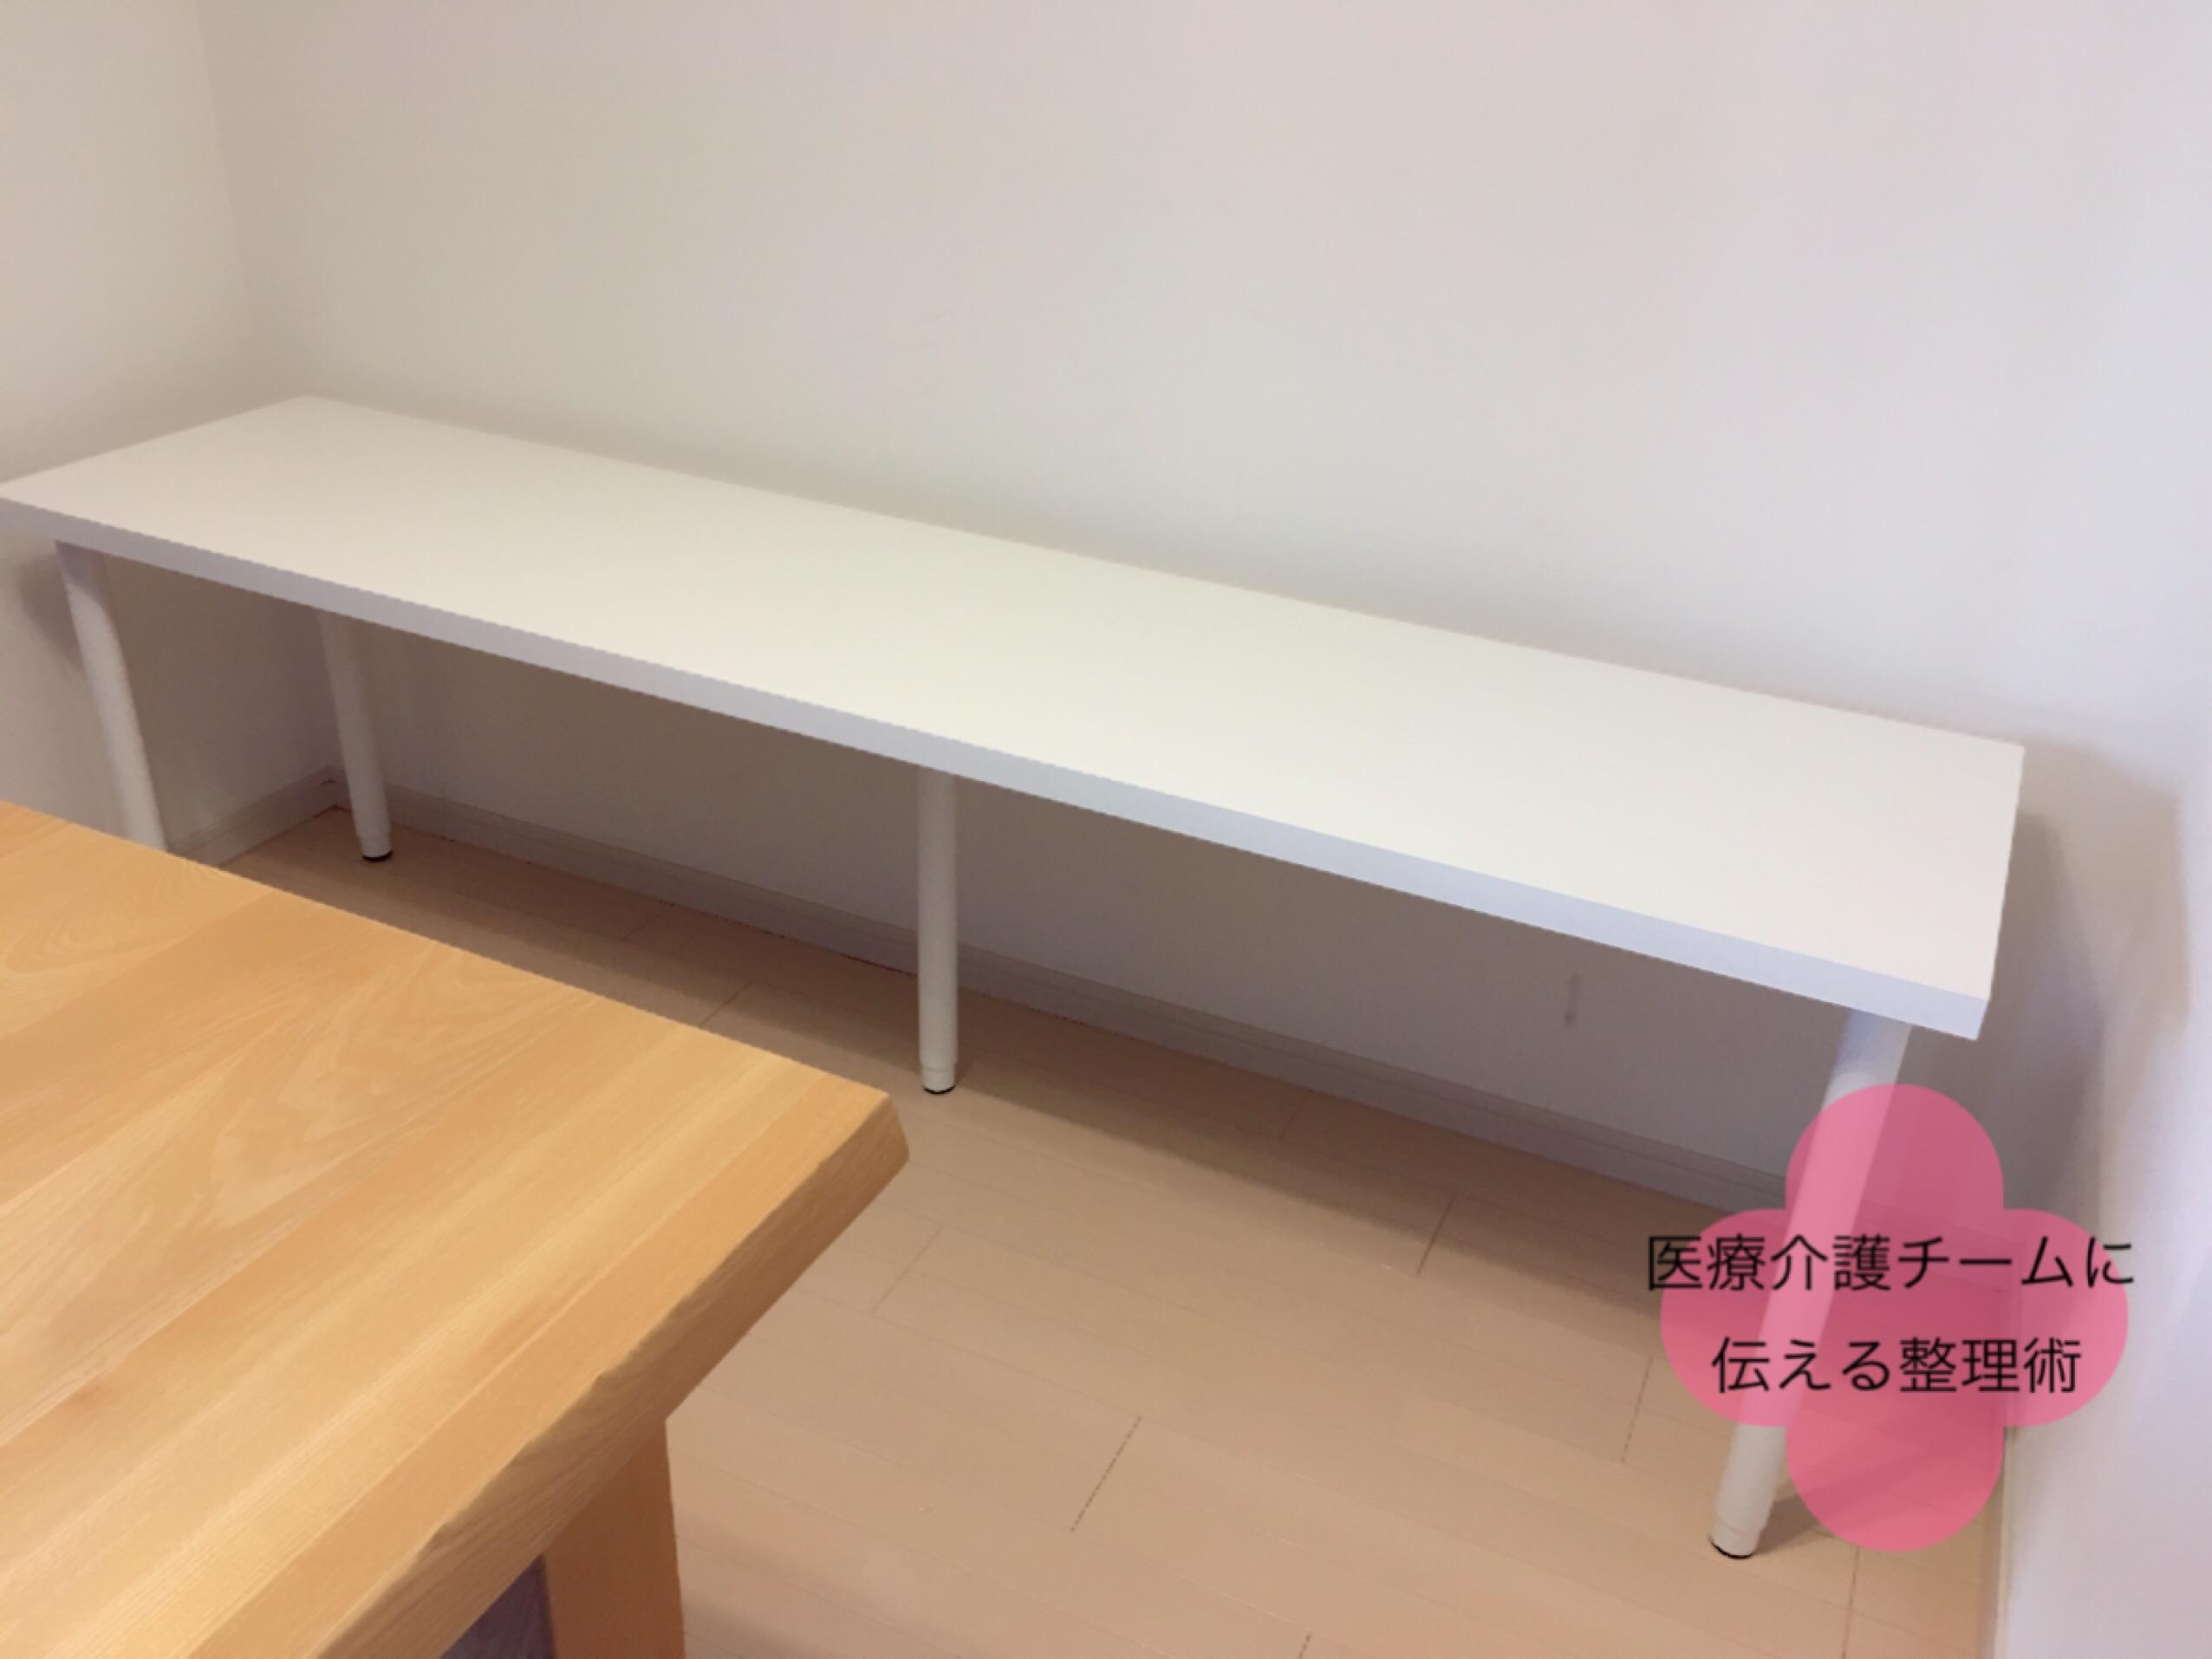 IKEAの天板「LINNMON(リンモン)」をカットしてデスクをDIY